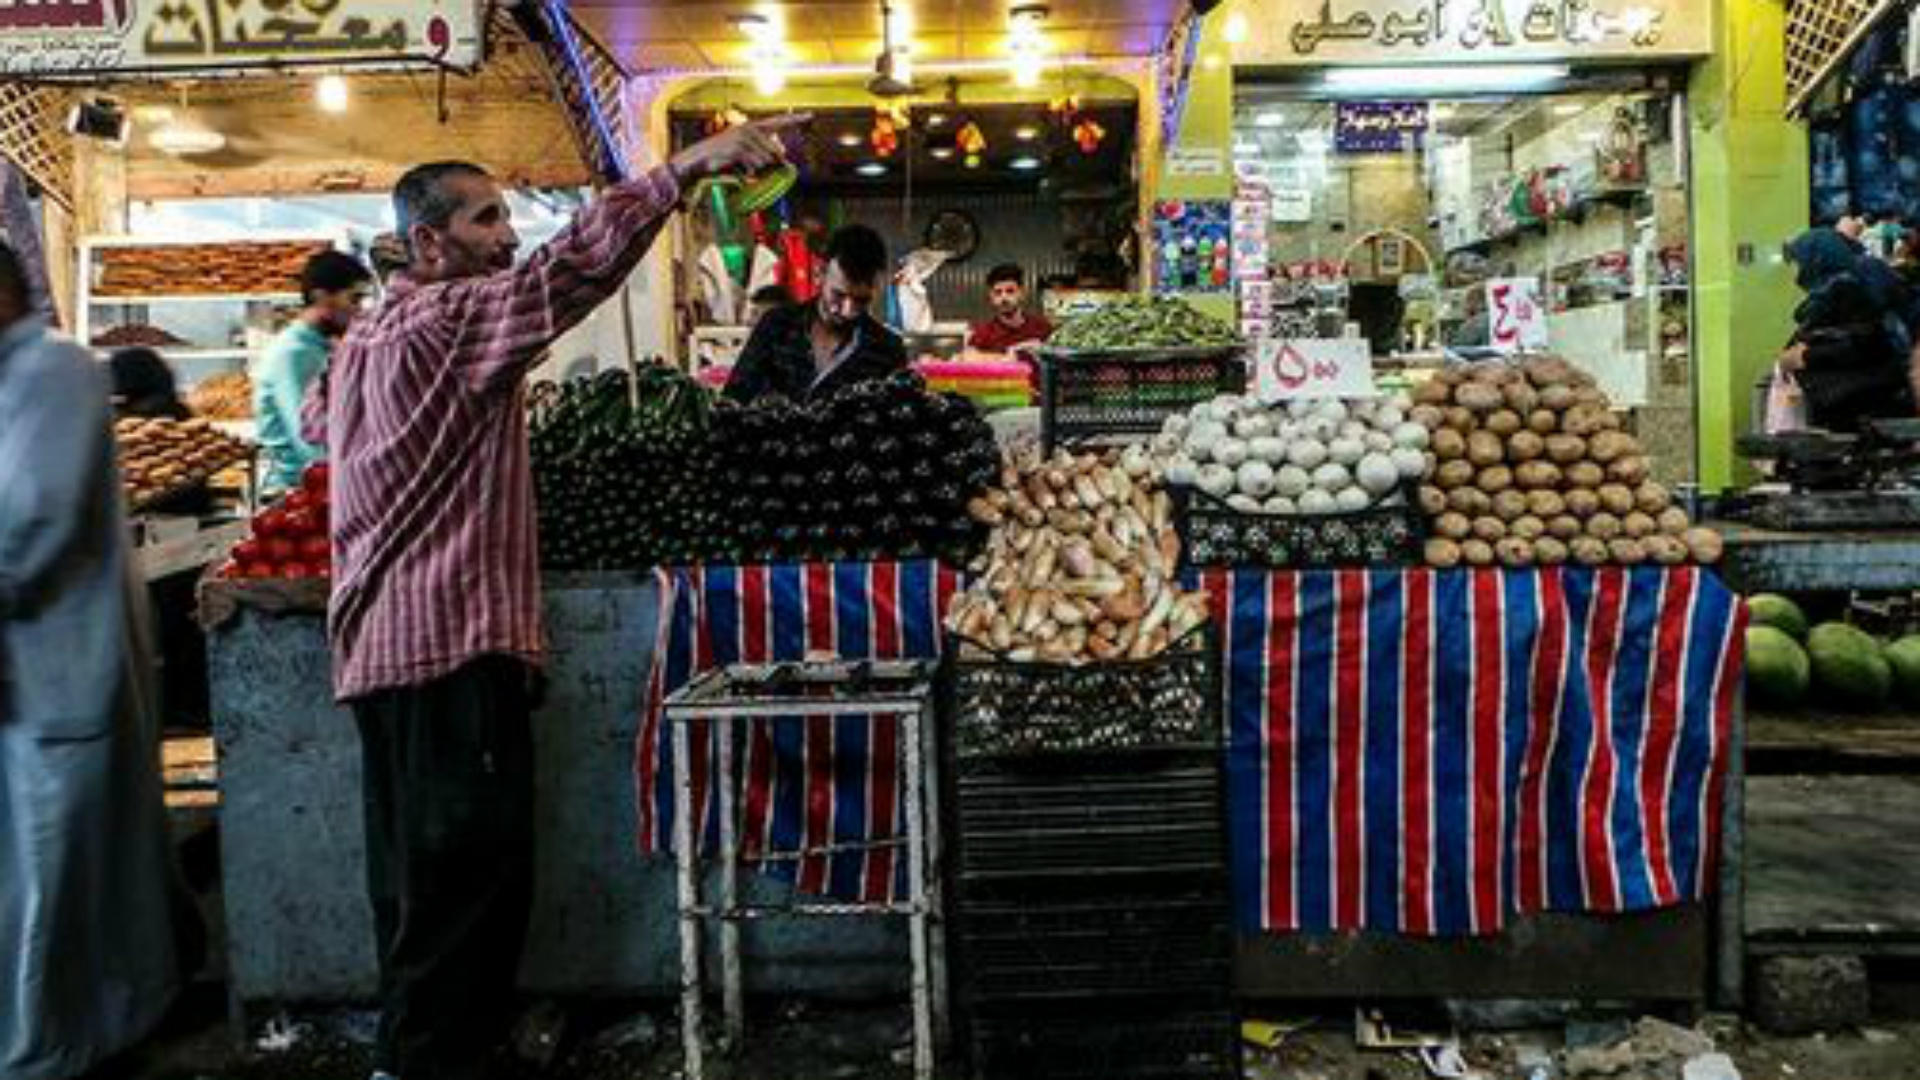 البدء بإعادة تأهيل سوق السرجخانة في الموصل القديمة